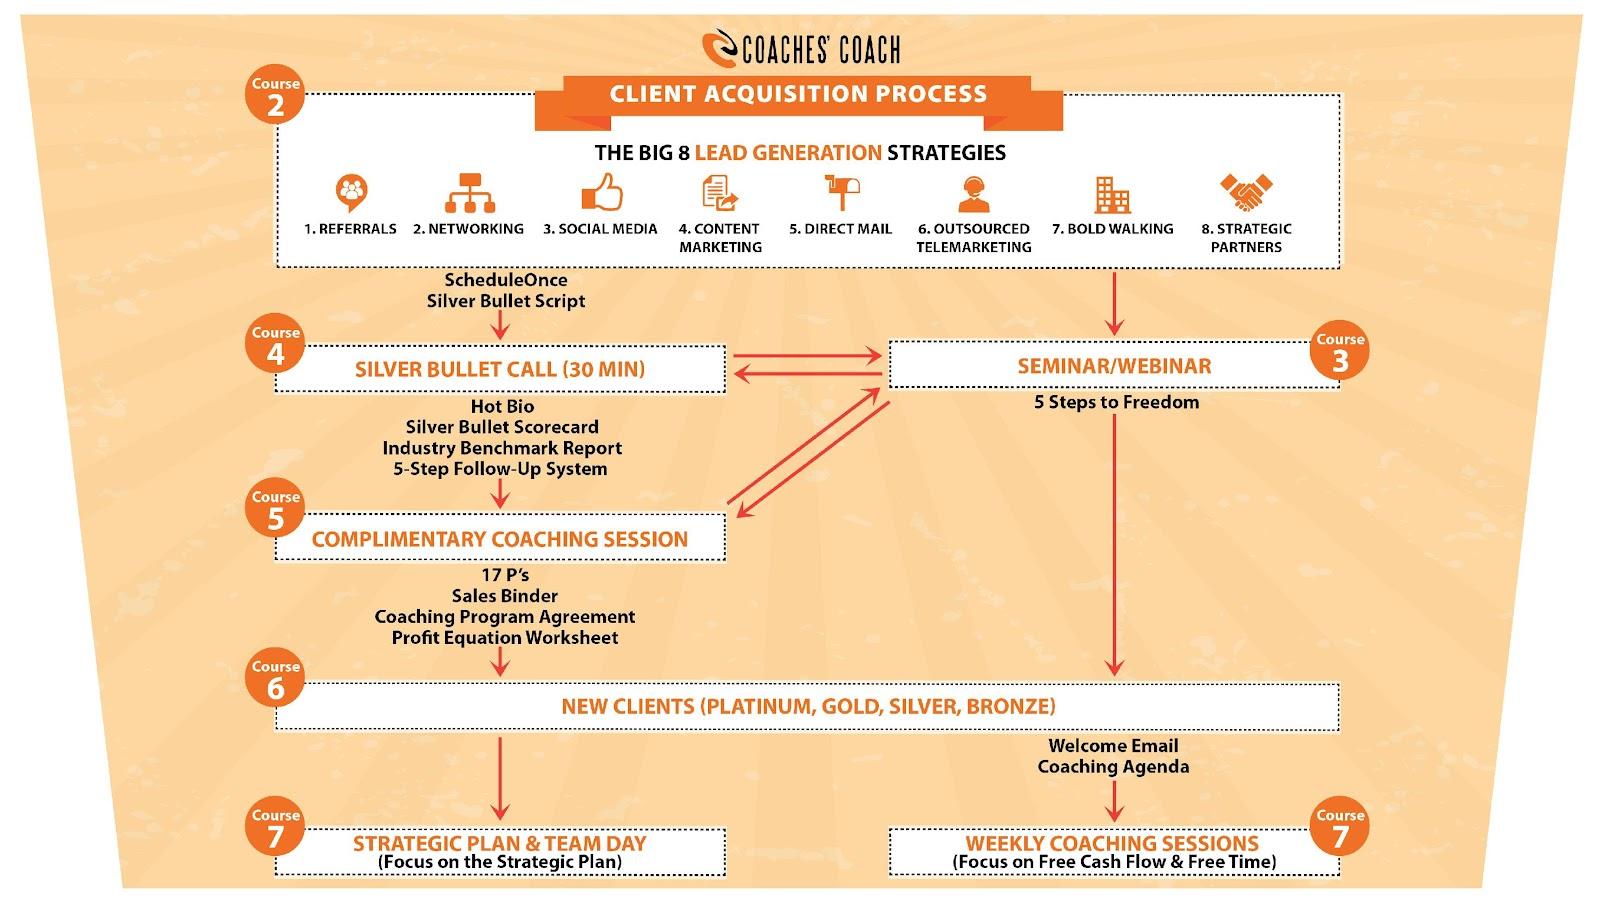 Client Acquisition Process v18-01.jpg